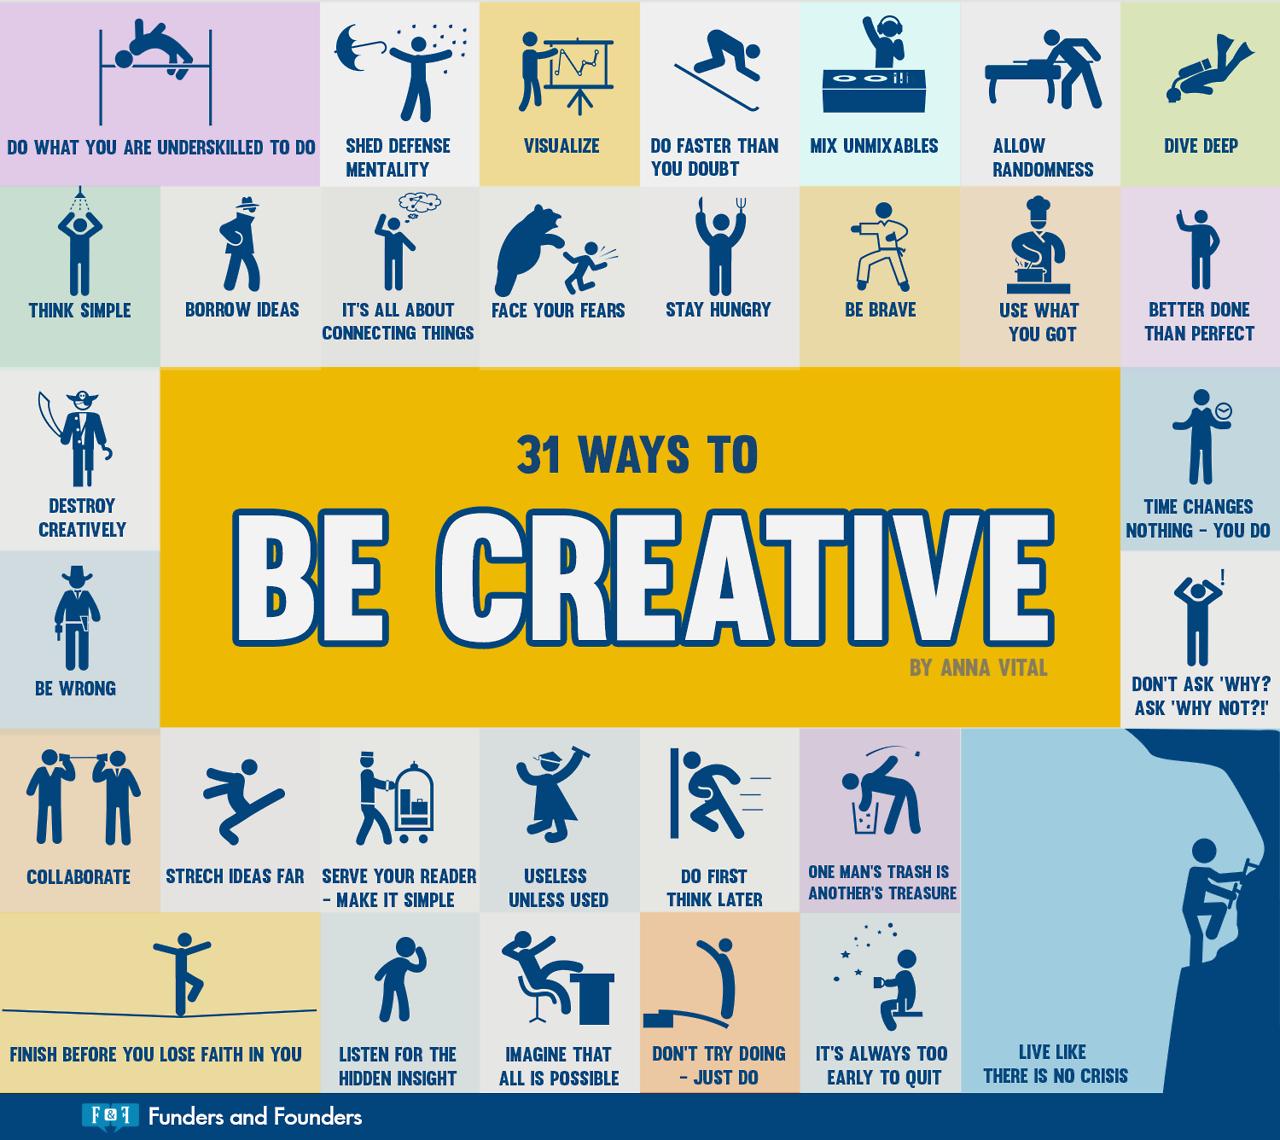 31 unterschiedliche Ansätze und Möglichkeiten, die eigene Kreativität zu steigern